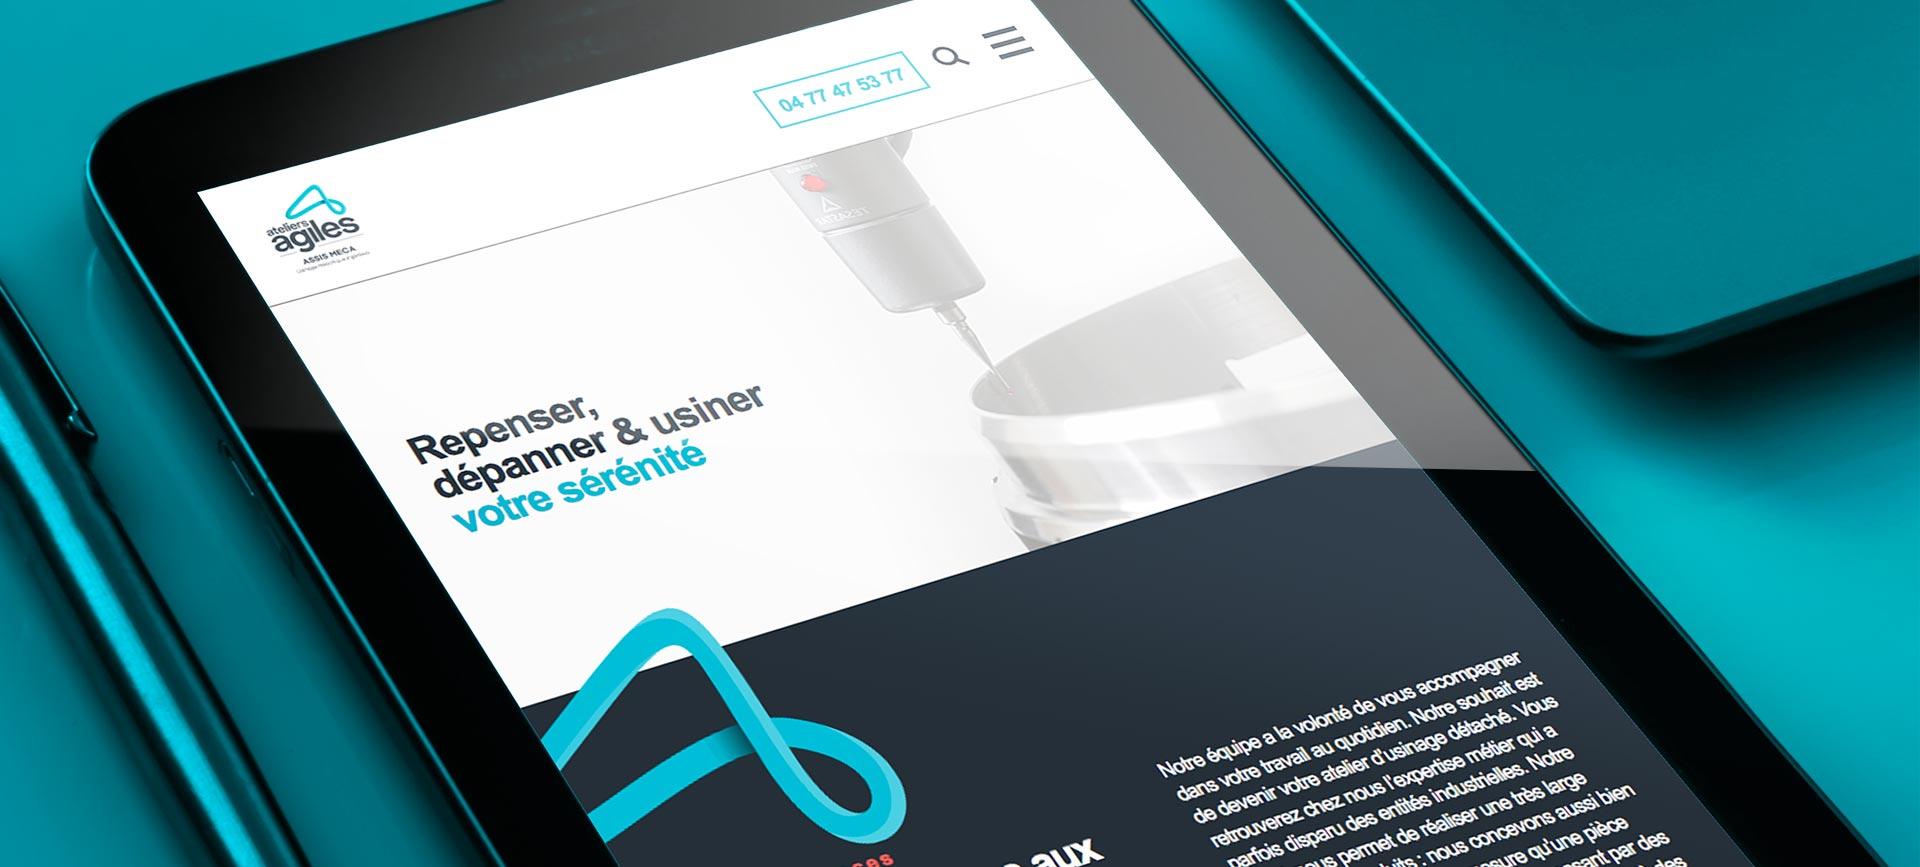 branding d'Ateliers Agiles au travers d'un mockup de leur site internet